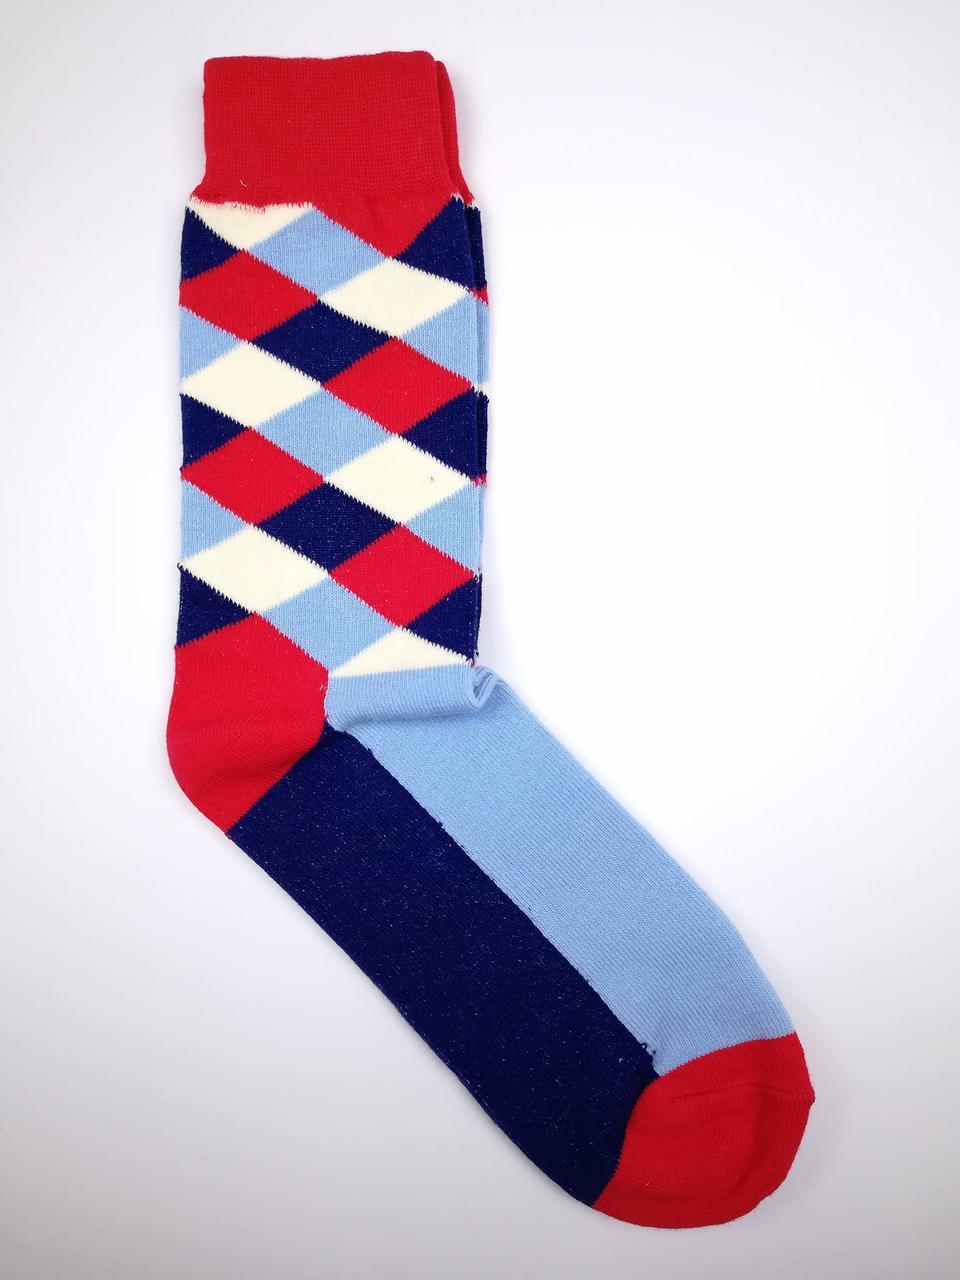 Чоловічі демісезонні шкарпетки з малюнком Ромбики